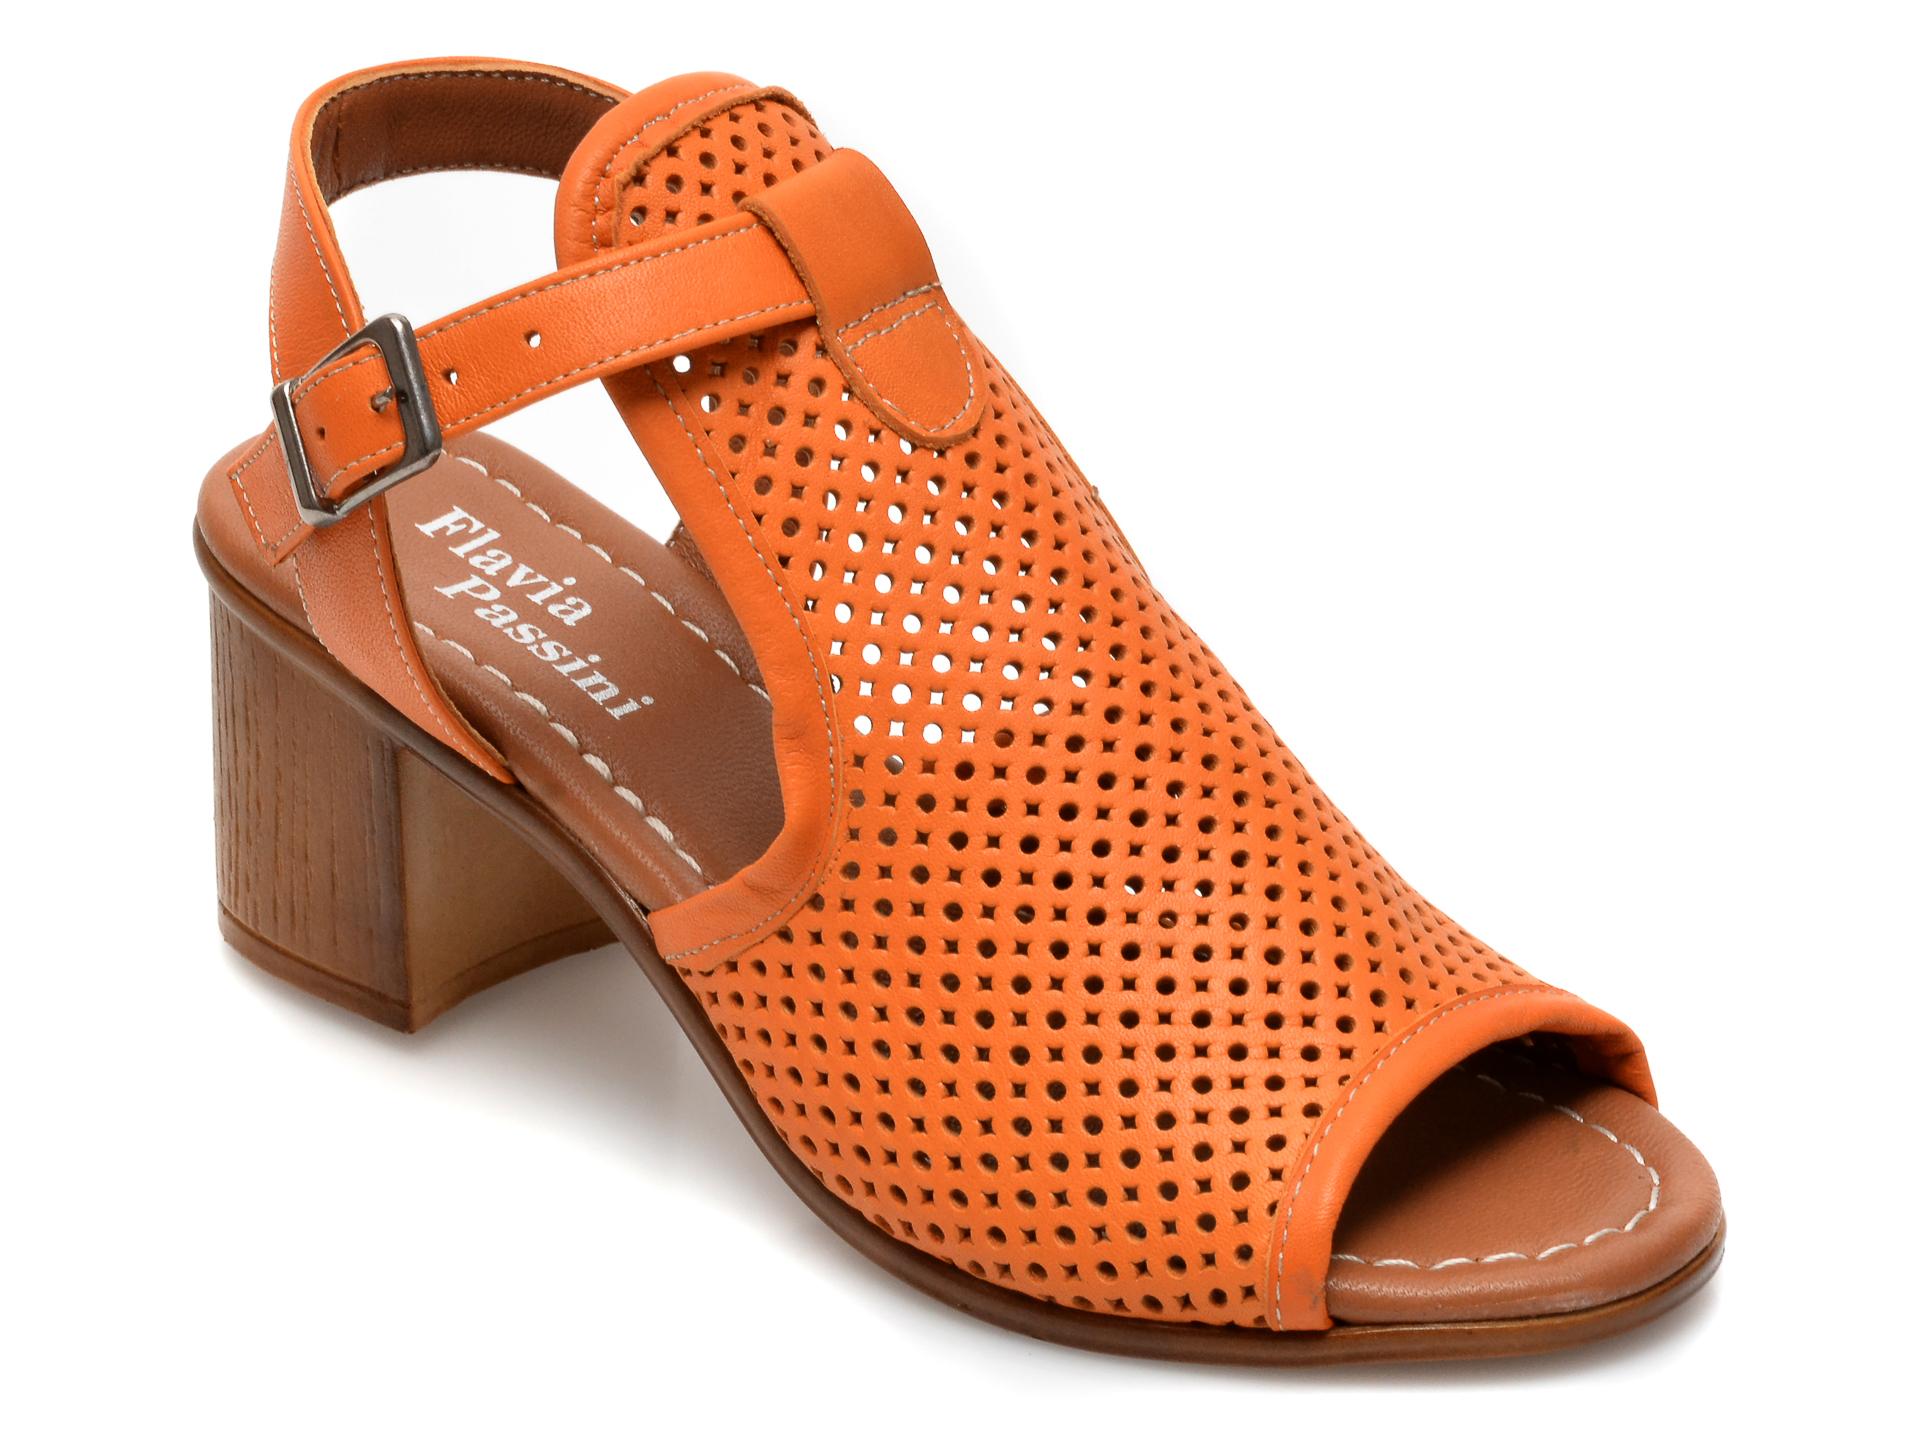 Sandale FLAVIA PASSINI portocalii, 108, din piele naturala imagine otter.ro 2021